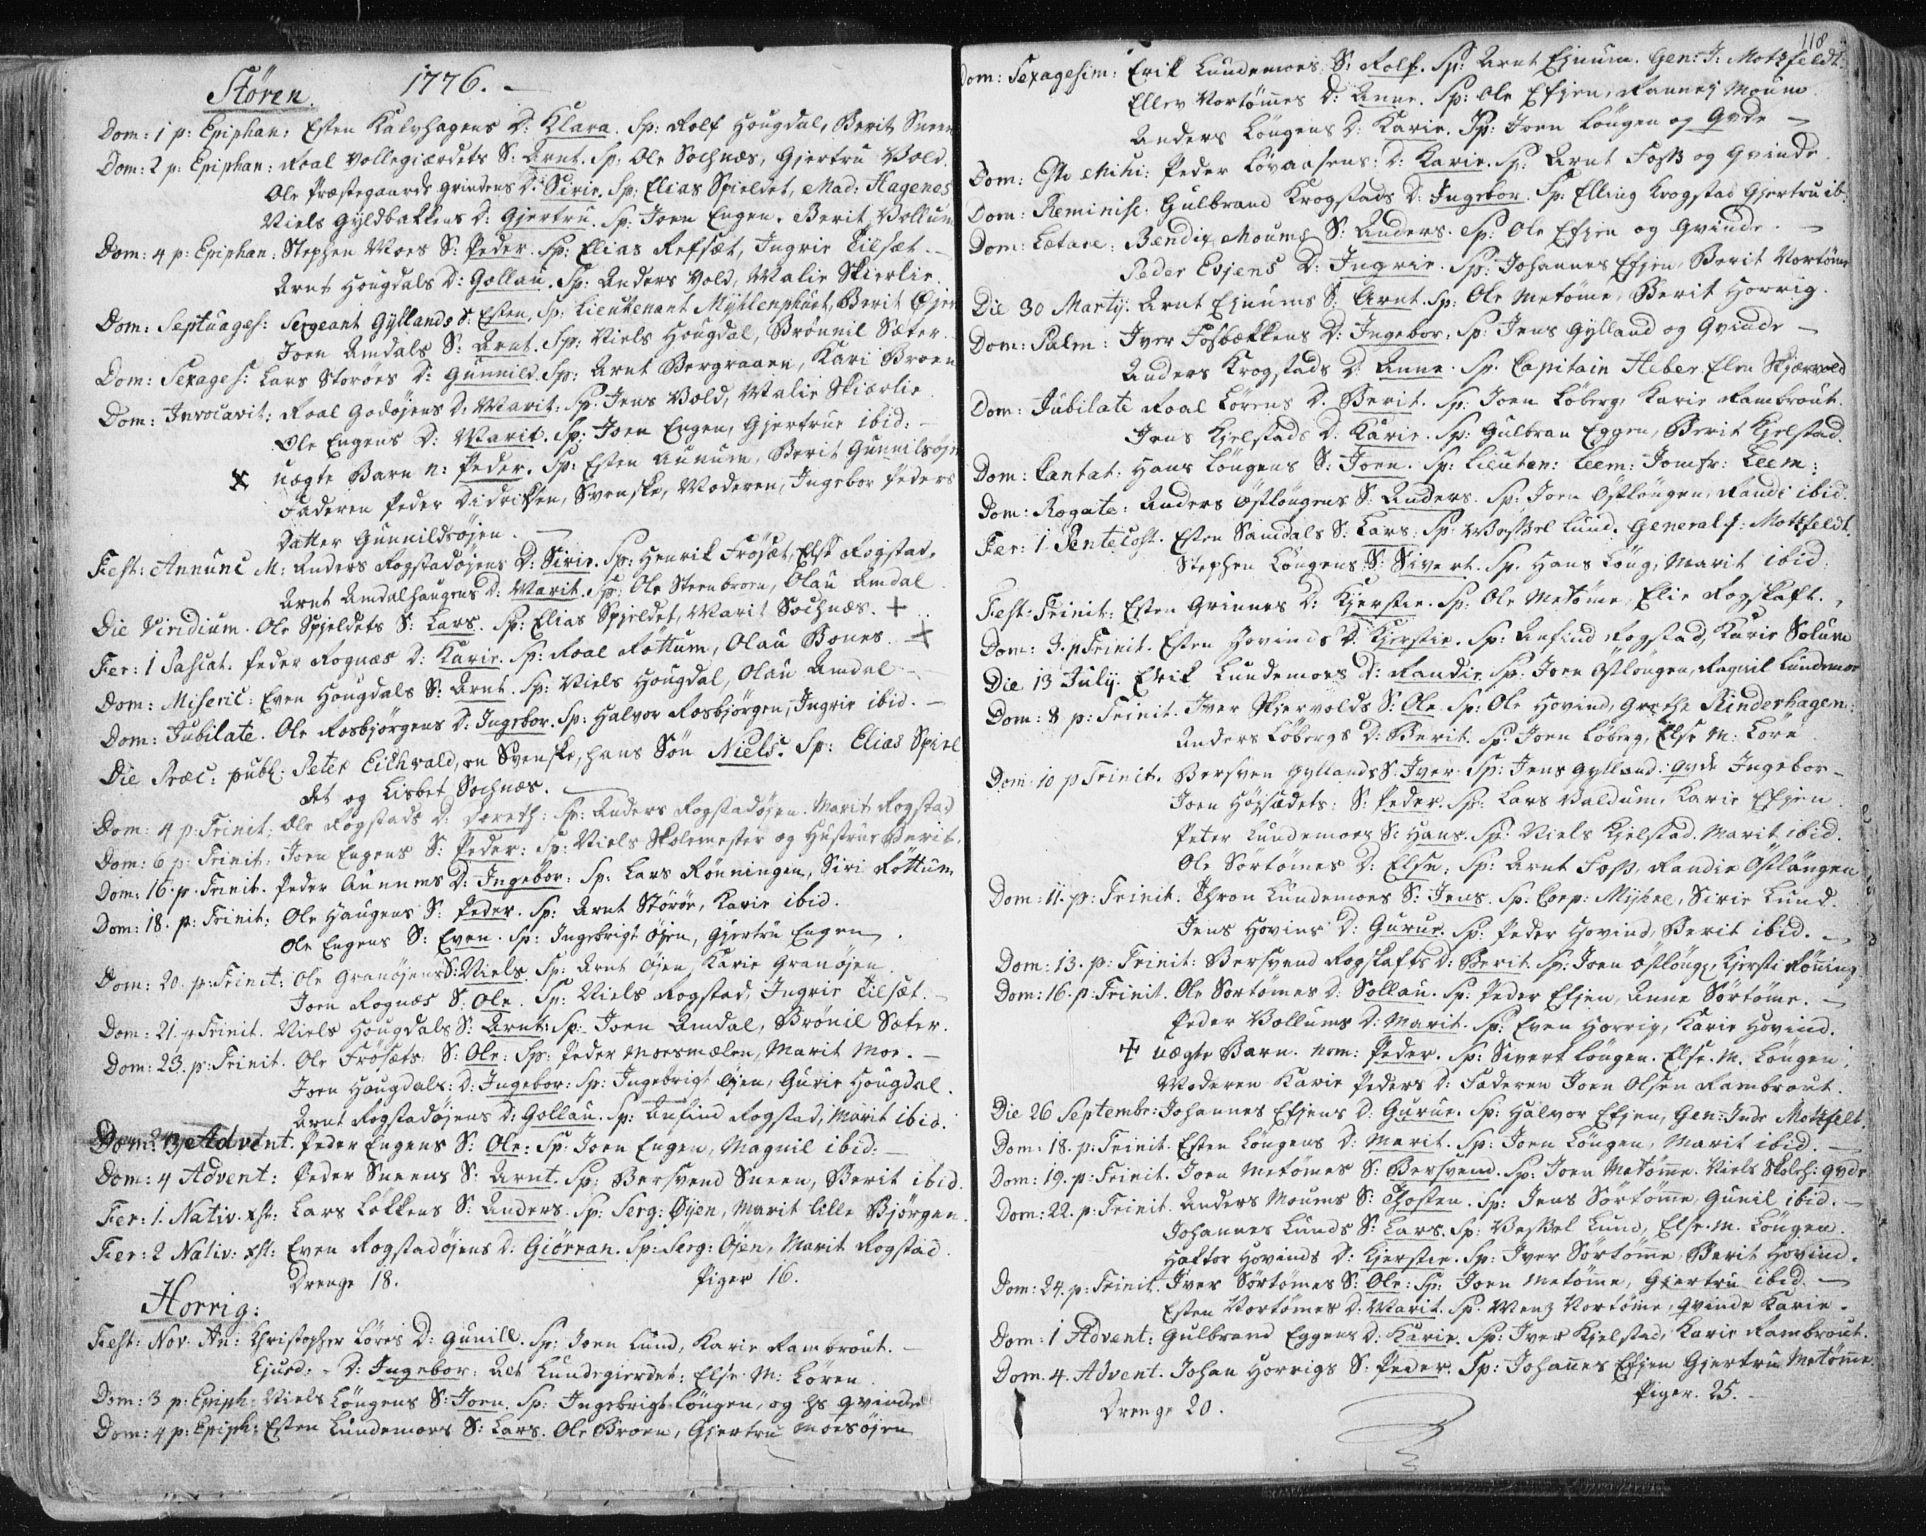 SAT, Ministerialprotokoller, klokkerbøker og fødselsregistre - Sør-Trøndelag, 687/L0991: Ministerialbok nr. 687A02, 1747-1790, s. 118